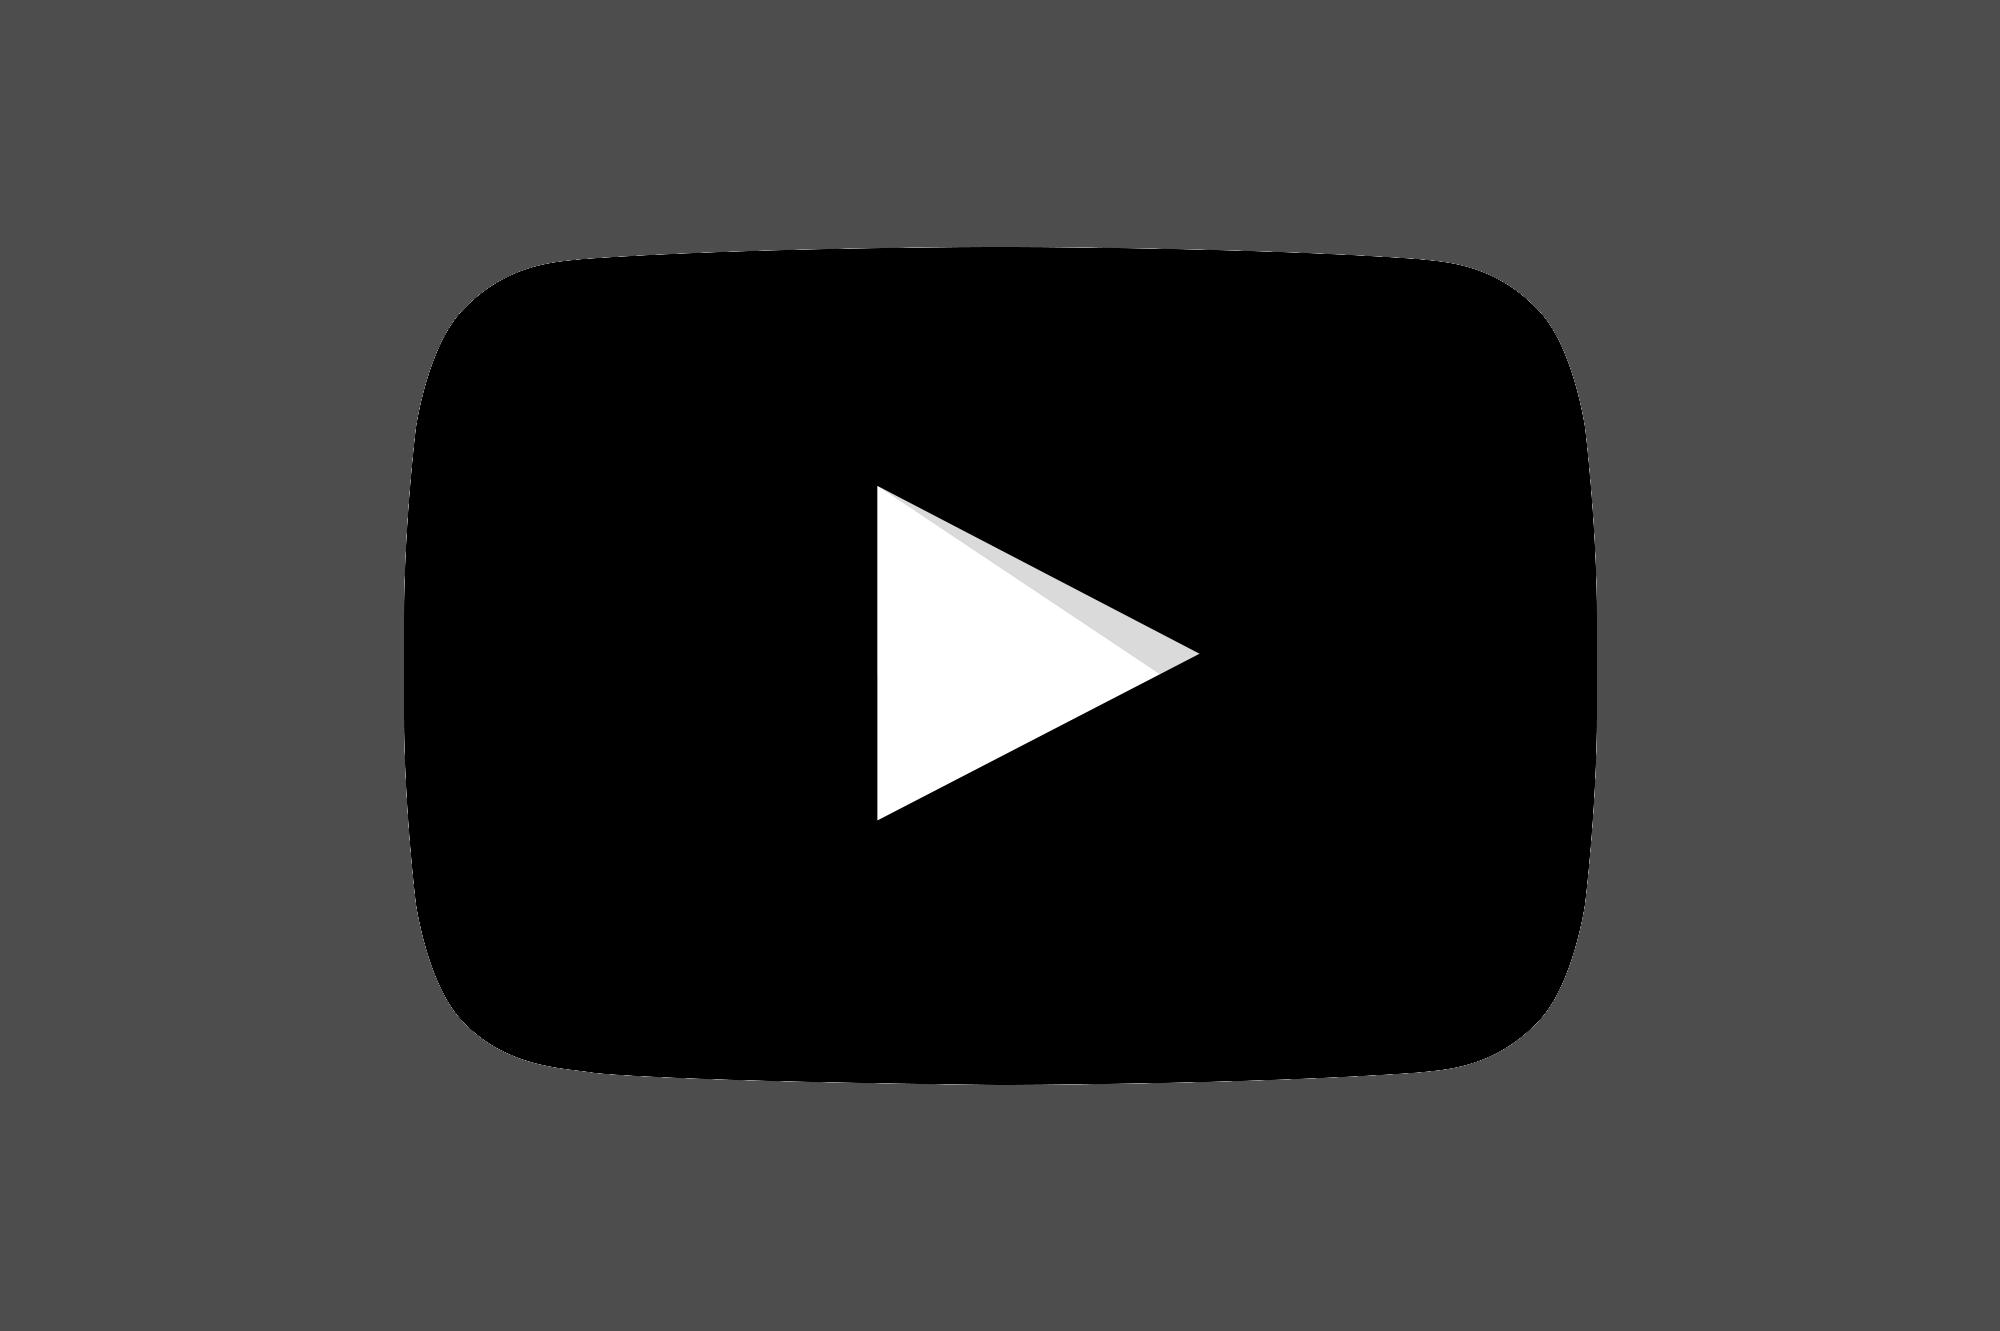 Youtube clipart gta 5. Thelma bike car rack